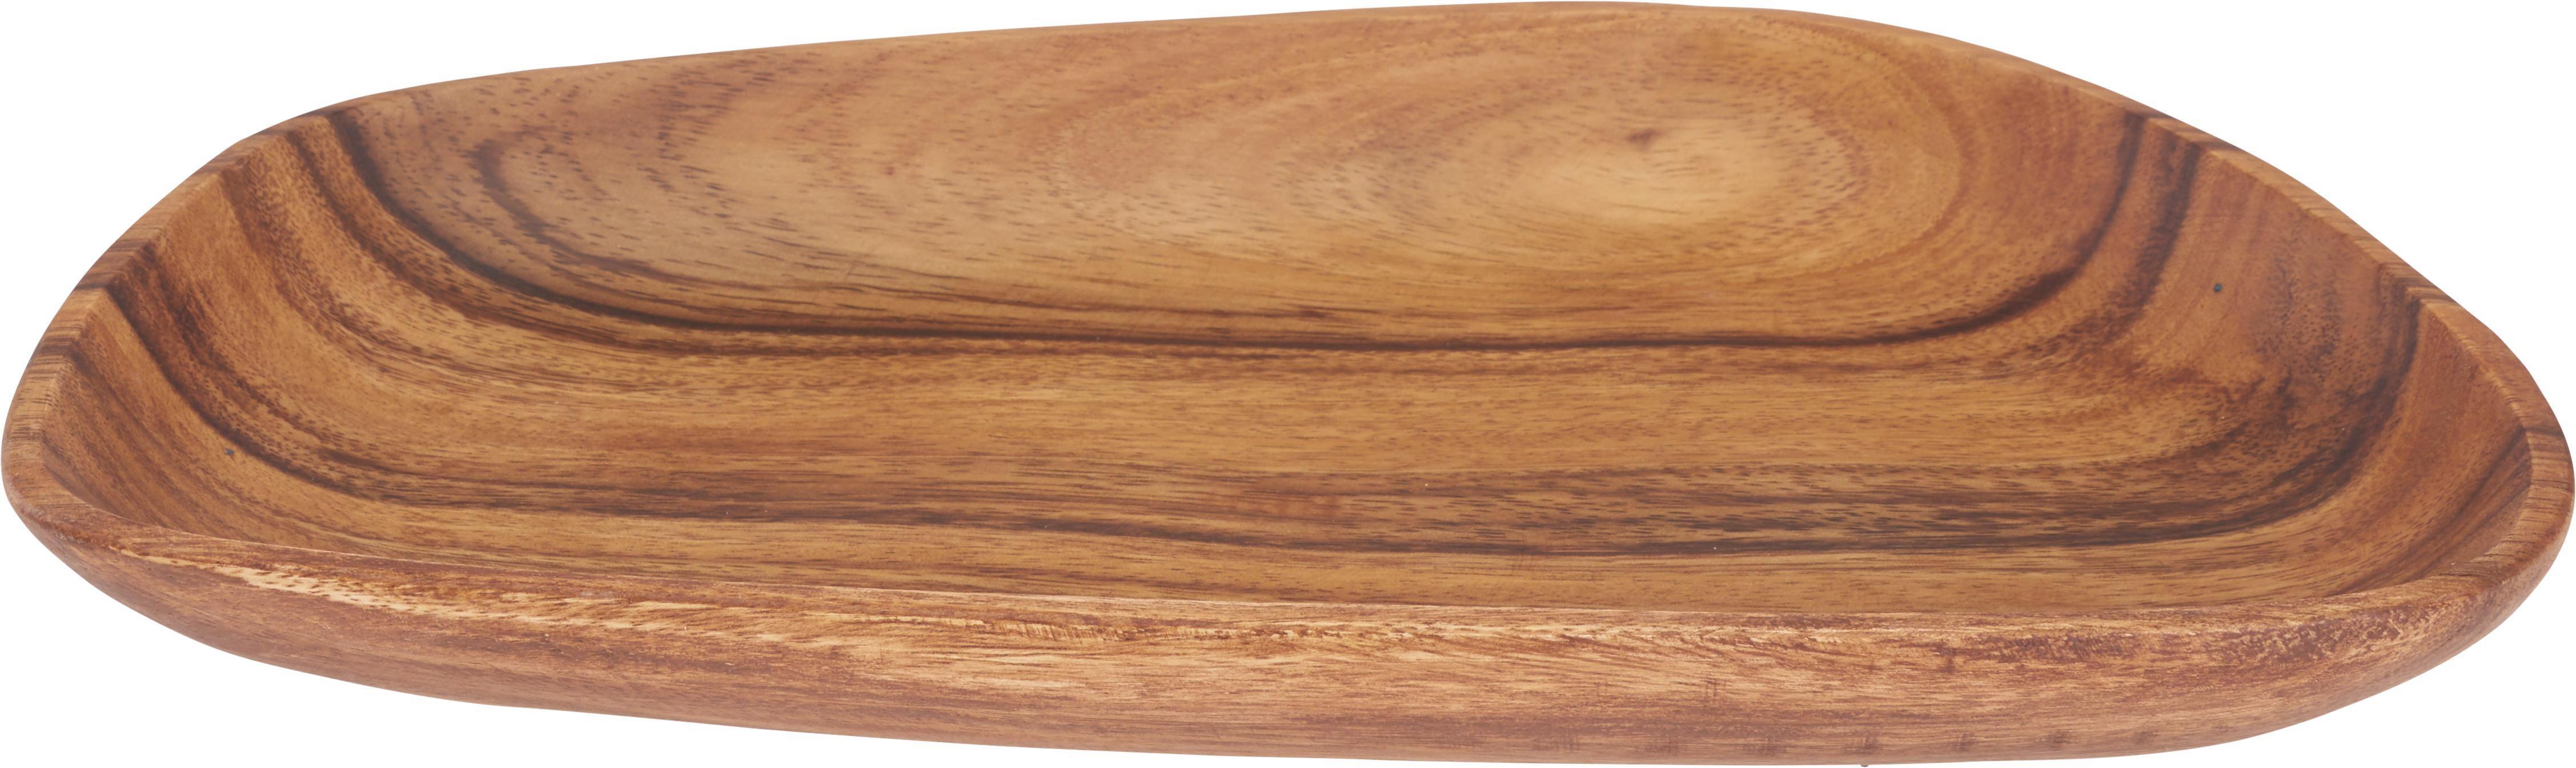 Dekoteller Masai in Braun aus Holz - Braun, LIFESTYLE, Holz (36/23/3cm) - MÖMAX modern living